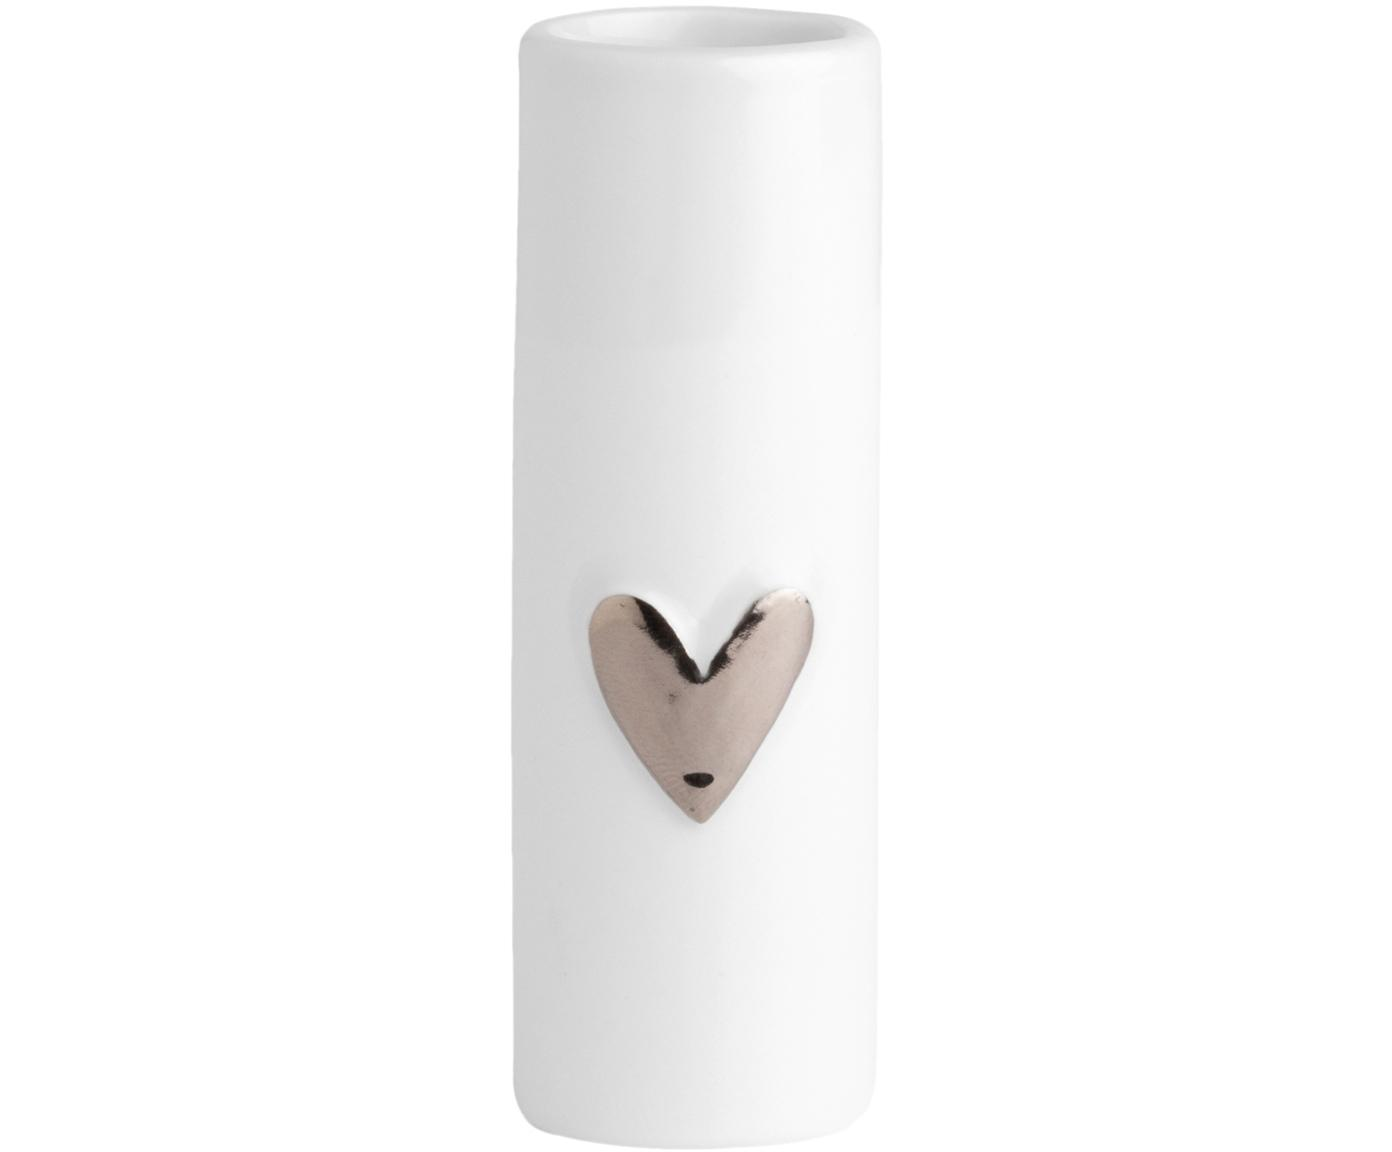 Mały wazon z porcelany Heart, 2 szt., Porcelana, Biały, odcienie srebrnego, Ø 4 x W 9 cm